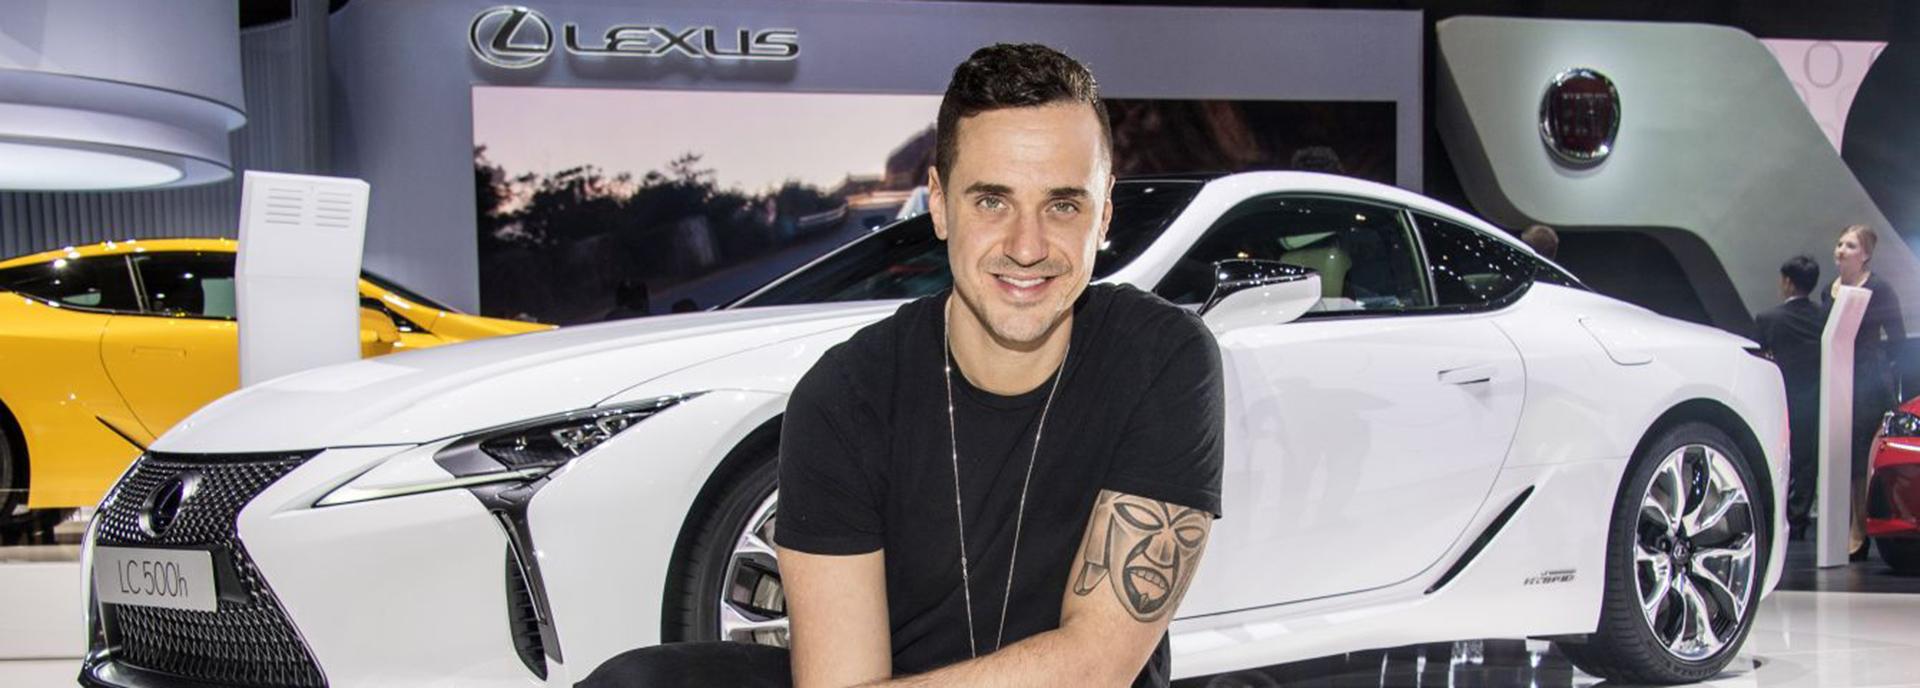 Lexus Seven Hero